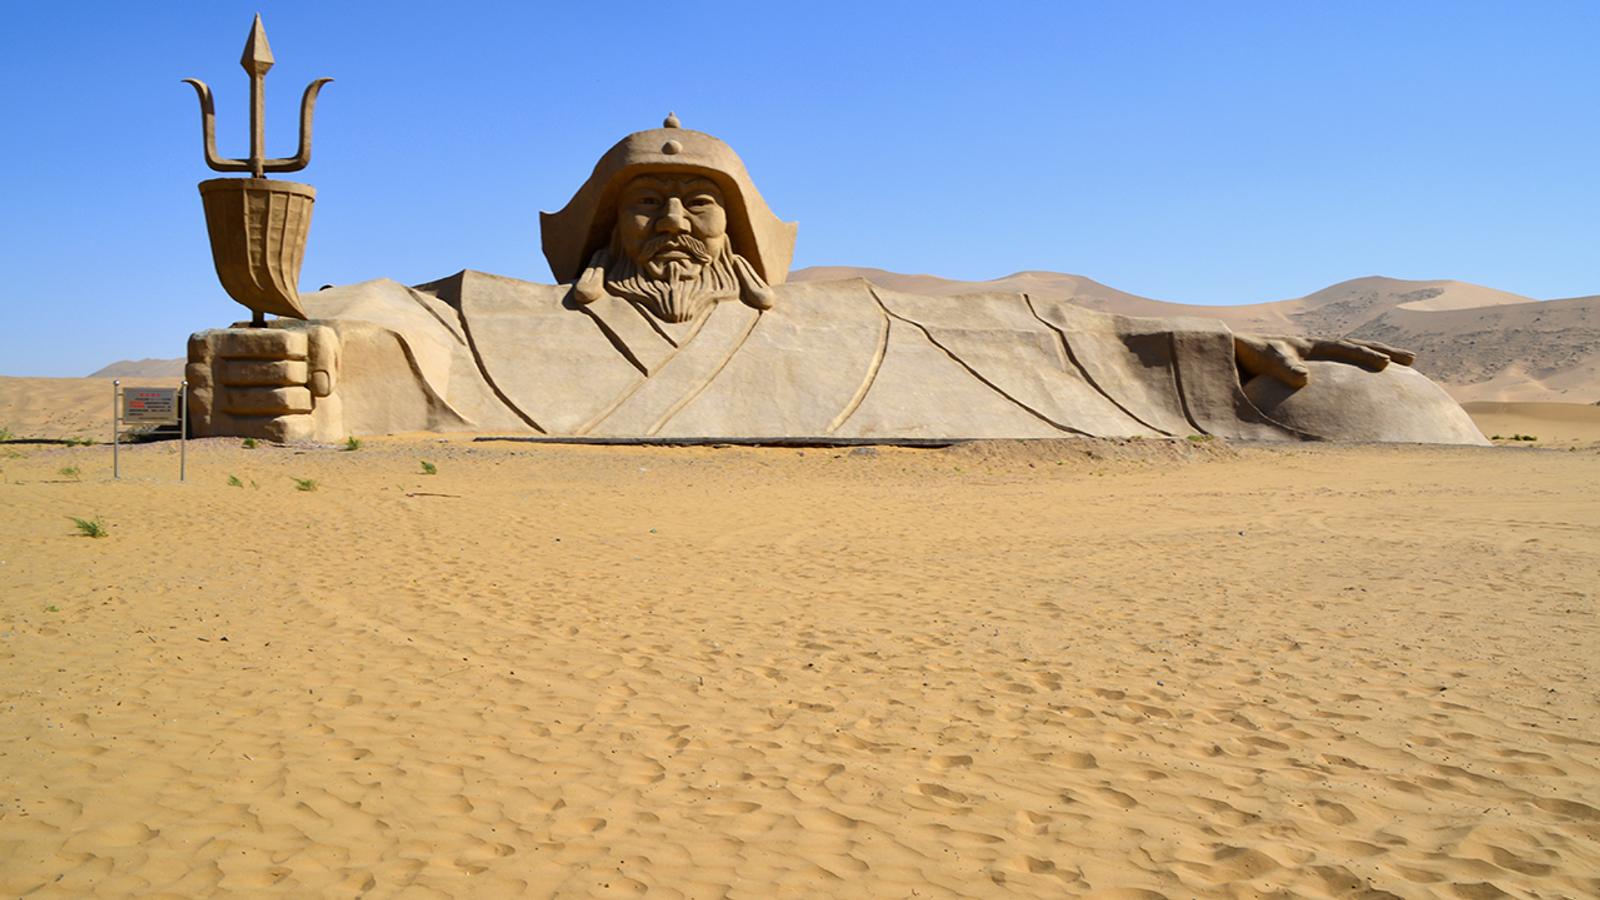 La statue de Gengis Khan, au cœurdu désert de Badain Jaran.